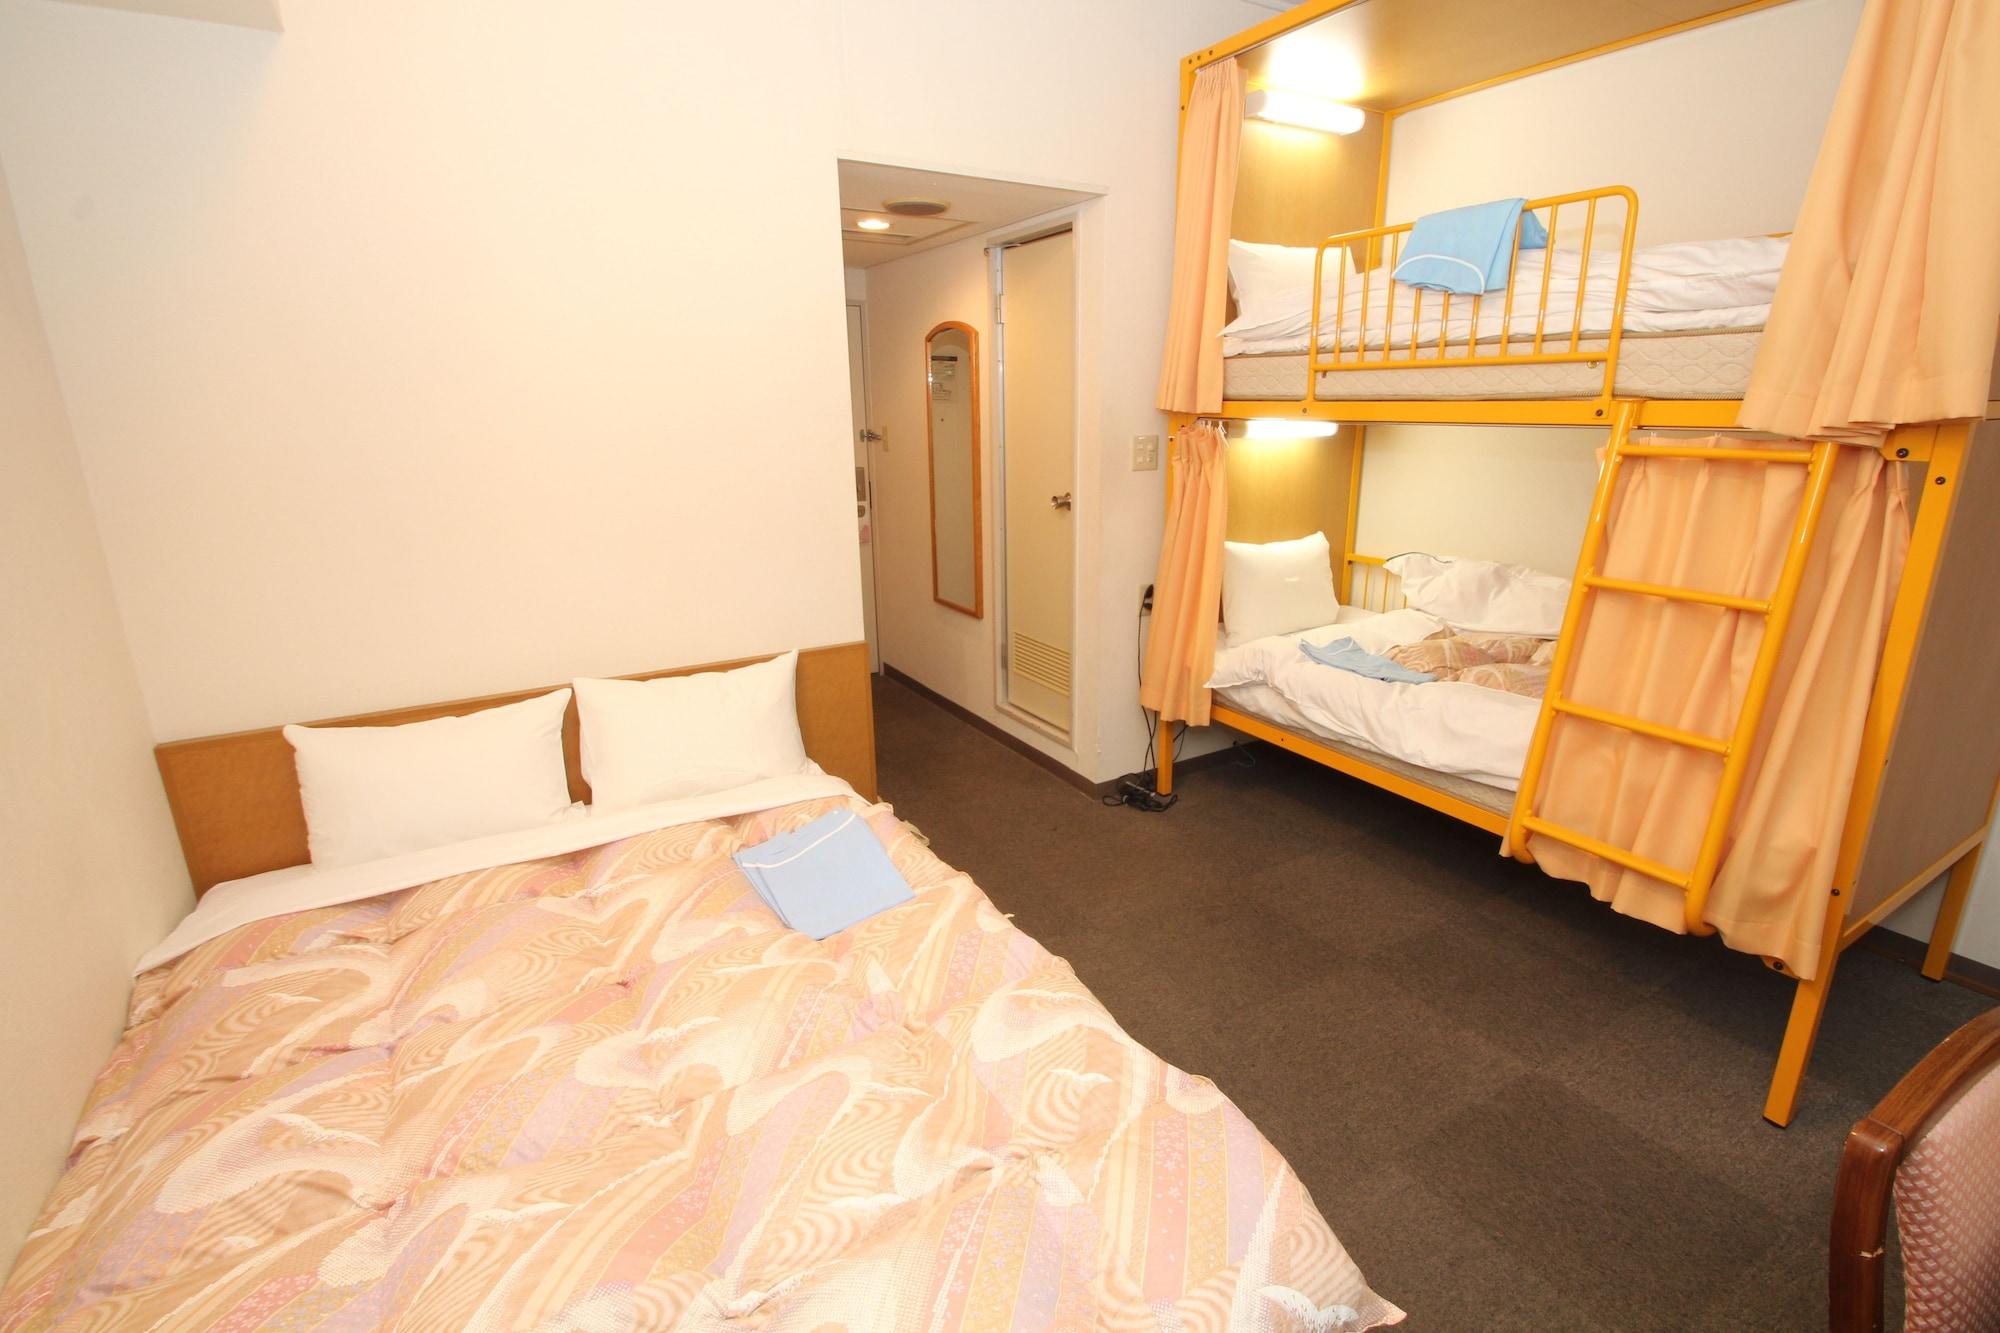 Sakura Hotel Ikebukuro - Hostel, Toshima